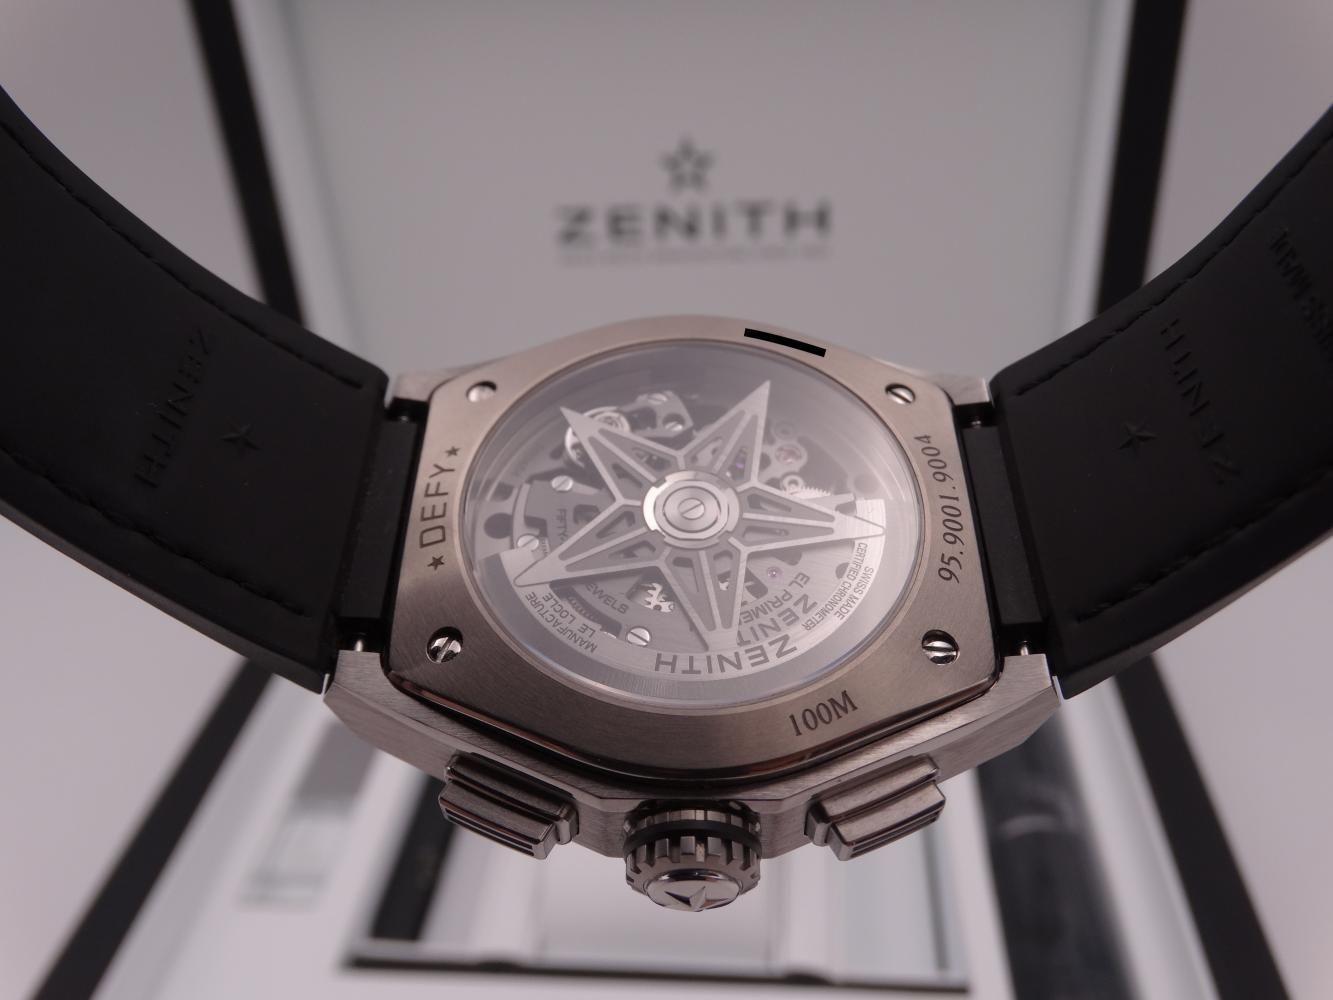 zenith defy 21 el primero chronograph 2730 copia.jpg